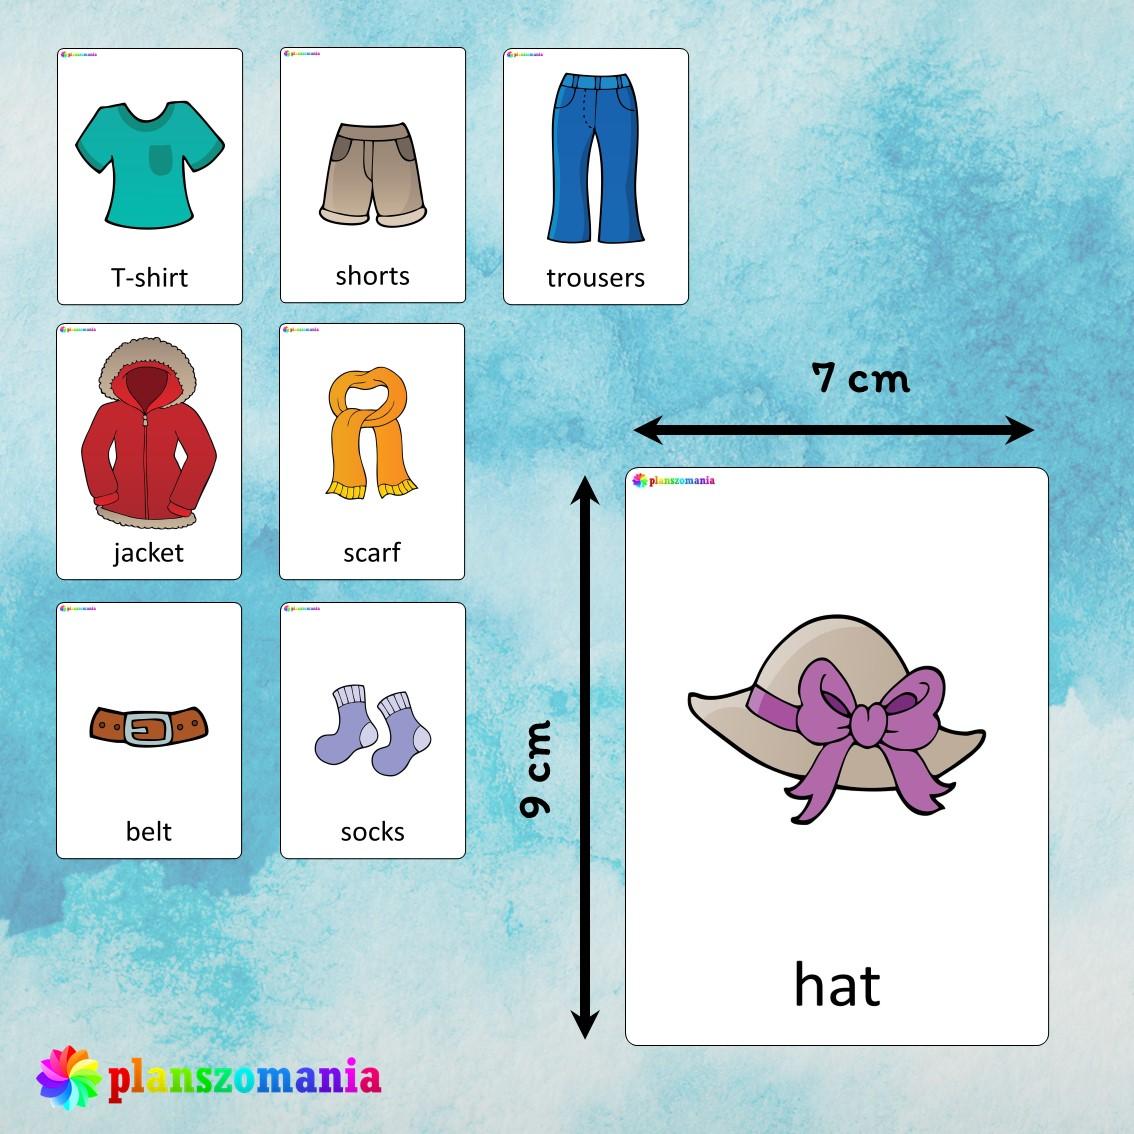 flashcards język angielski english version fiszki do nauki słówek pdf do druku clothes planszomania